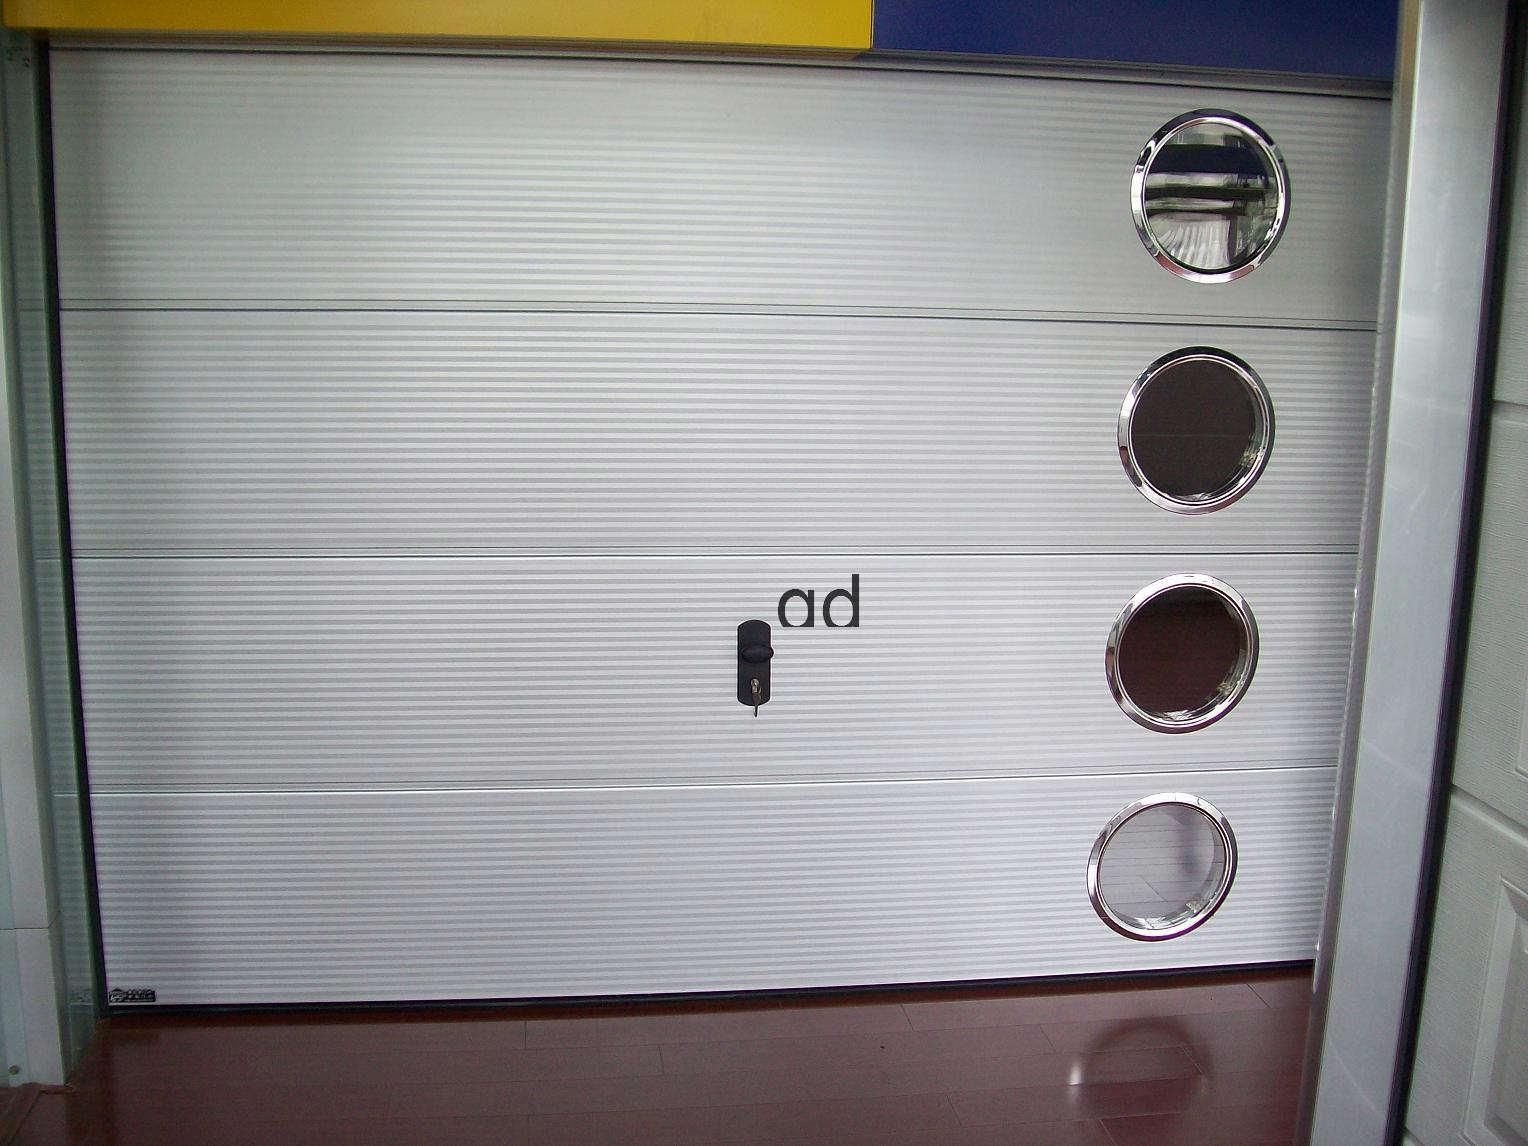 1146 #A58A26 China Insulation Overhead Garage Door / Overhead Garage Door (MLGA 53  wallpaper Insulated Overhead Garage Doors 37351528